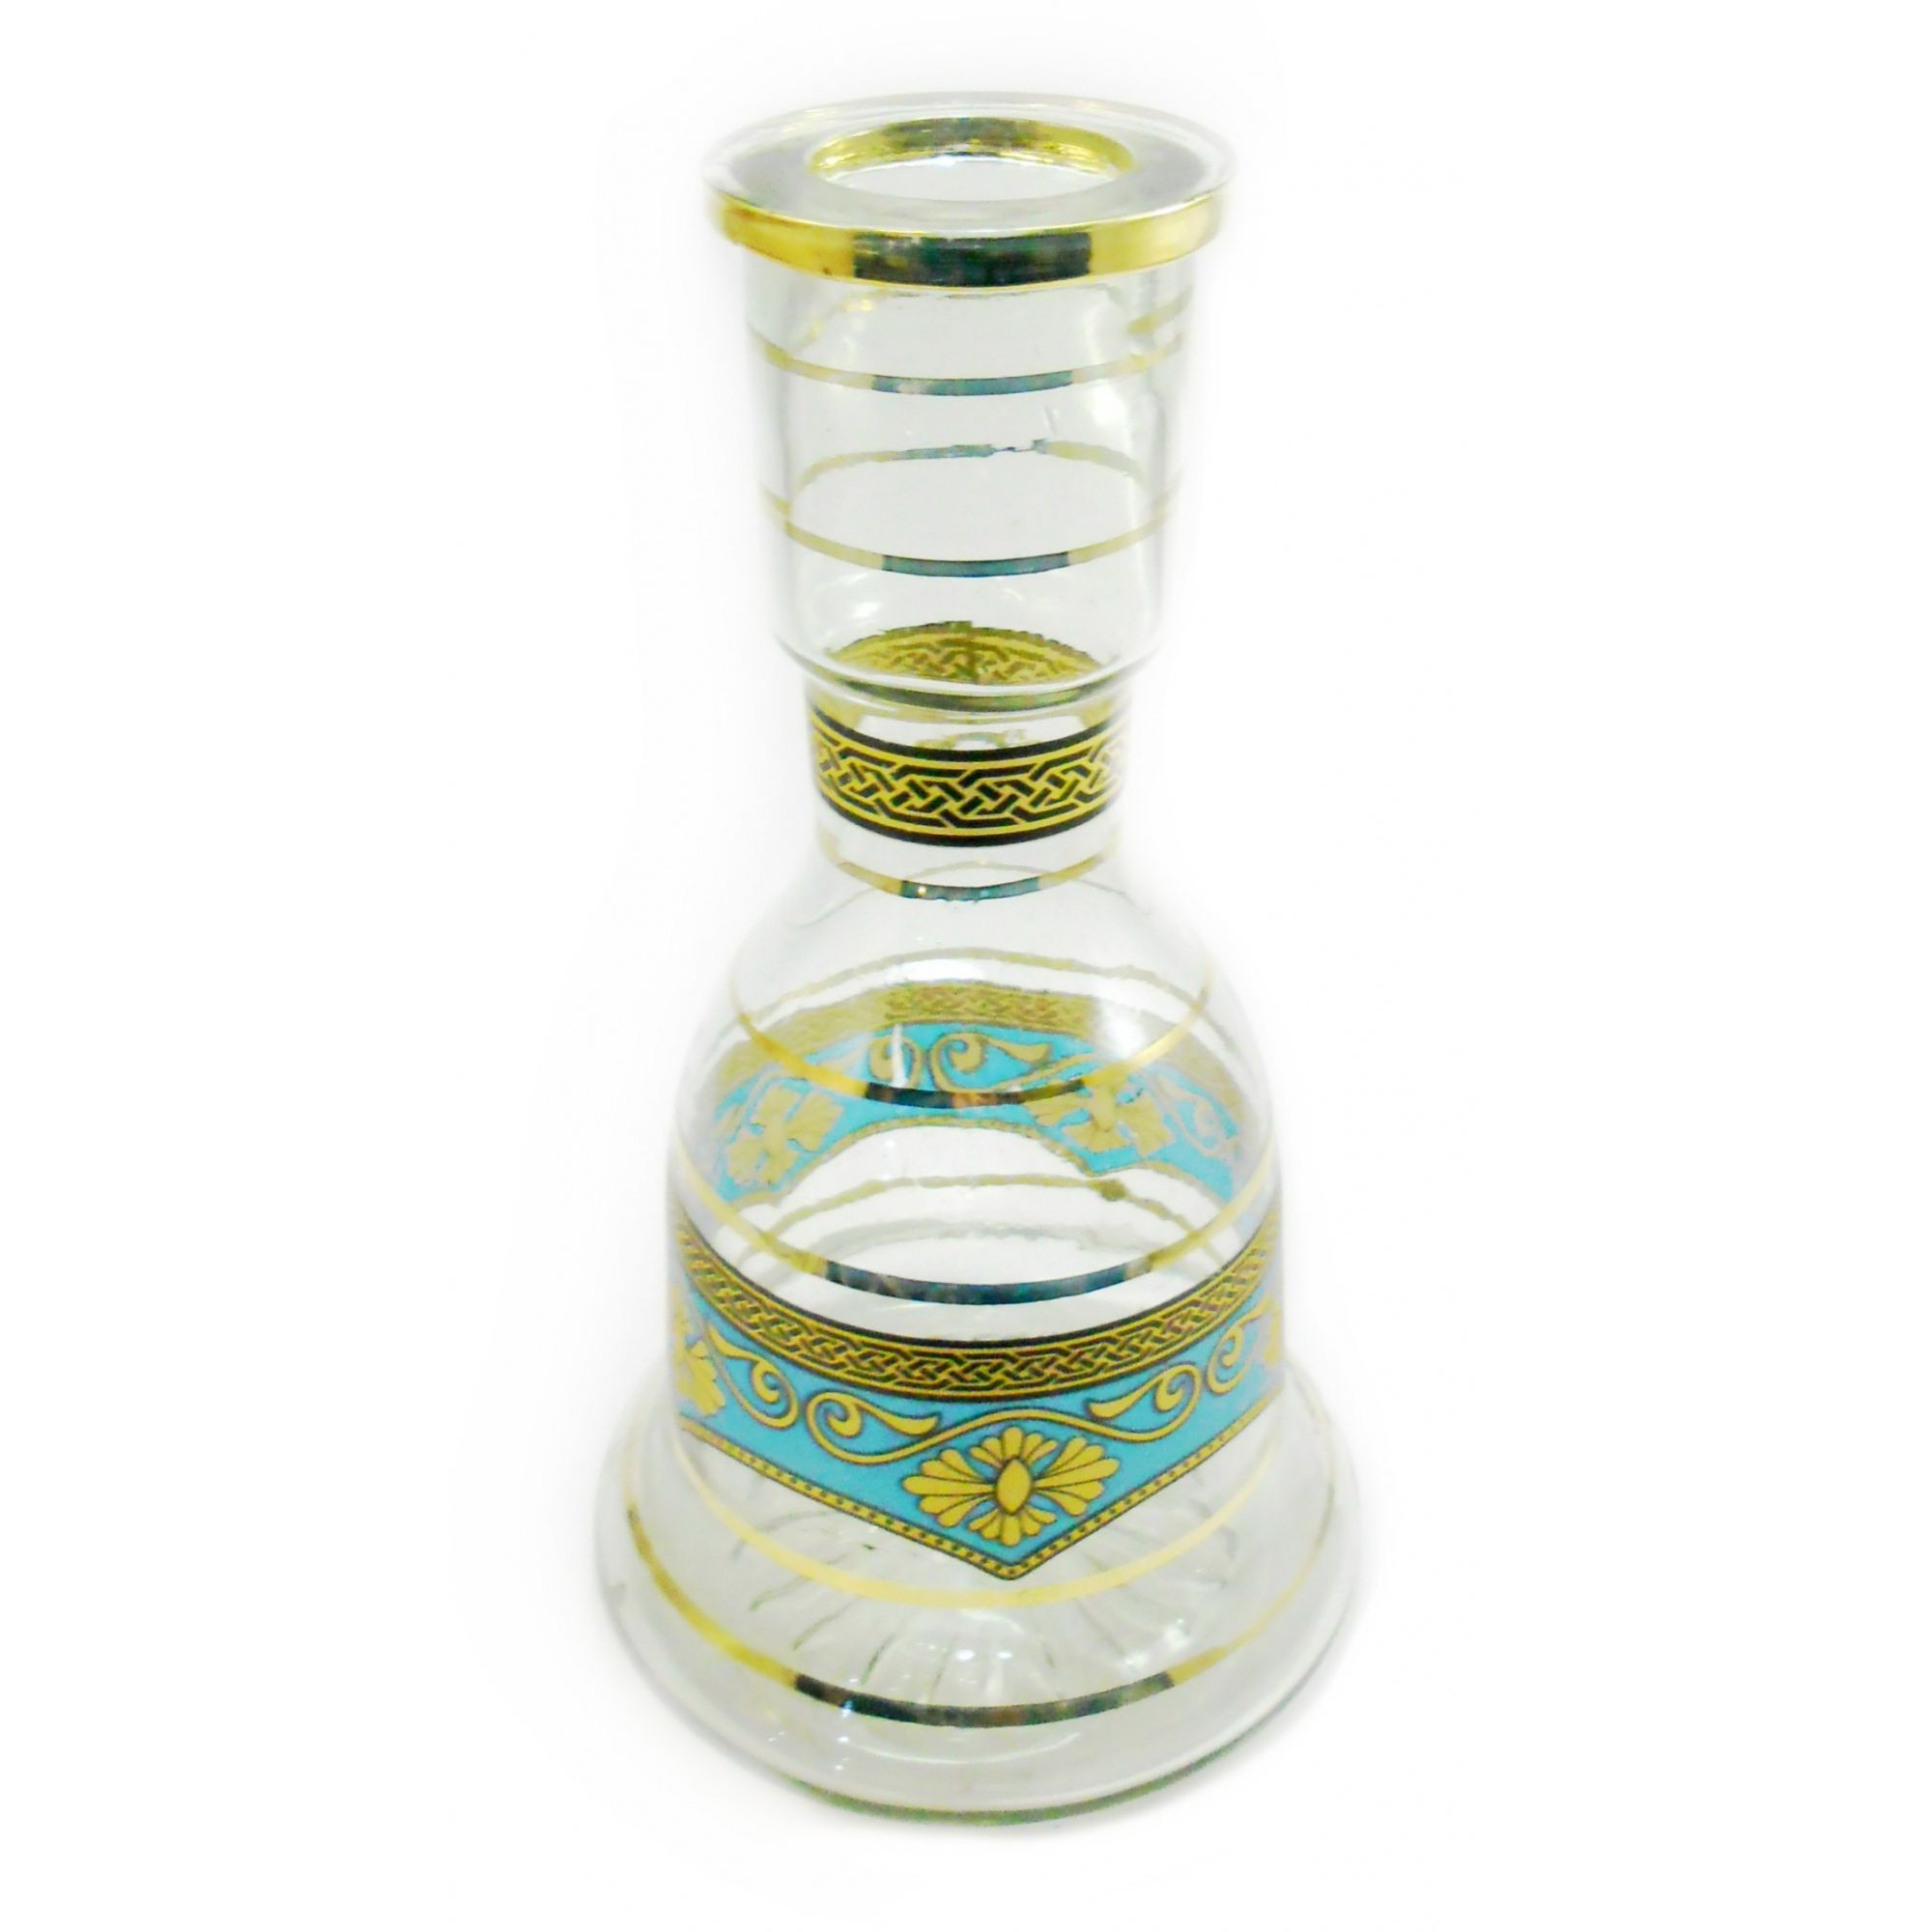 """Vaso/Base para narguile formato """"Sino"""", Grande (30cm), faixa decorativa com arabescos em dourado.V09"""